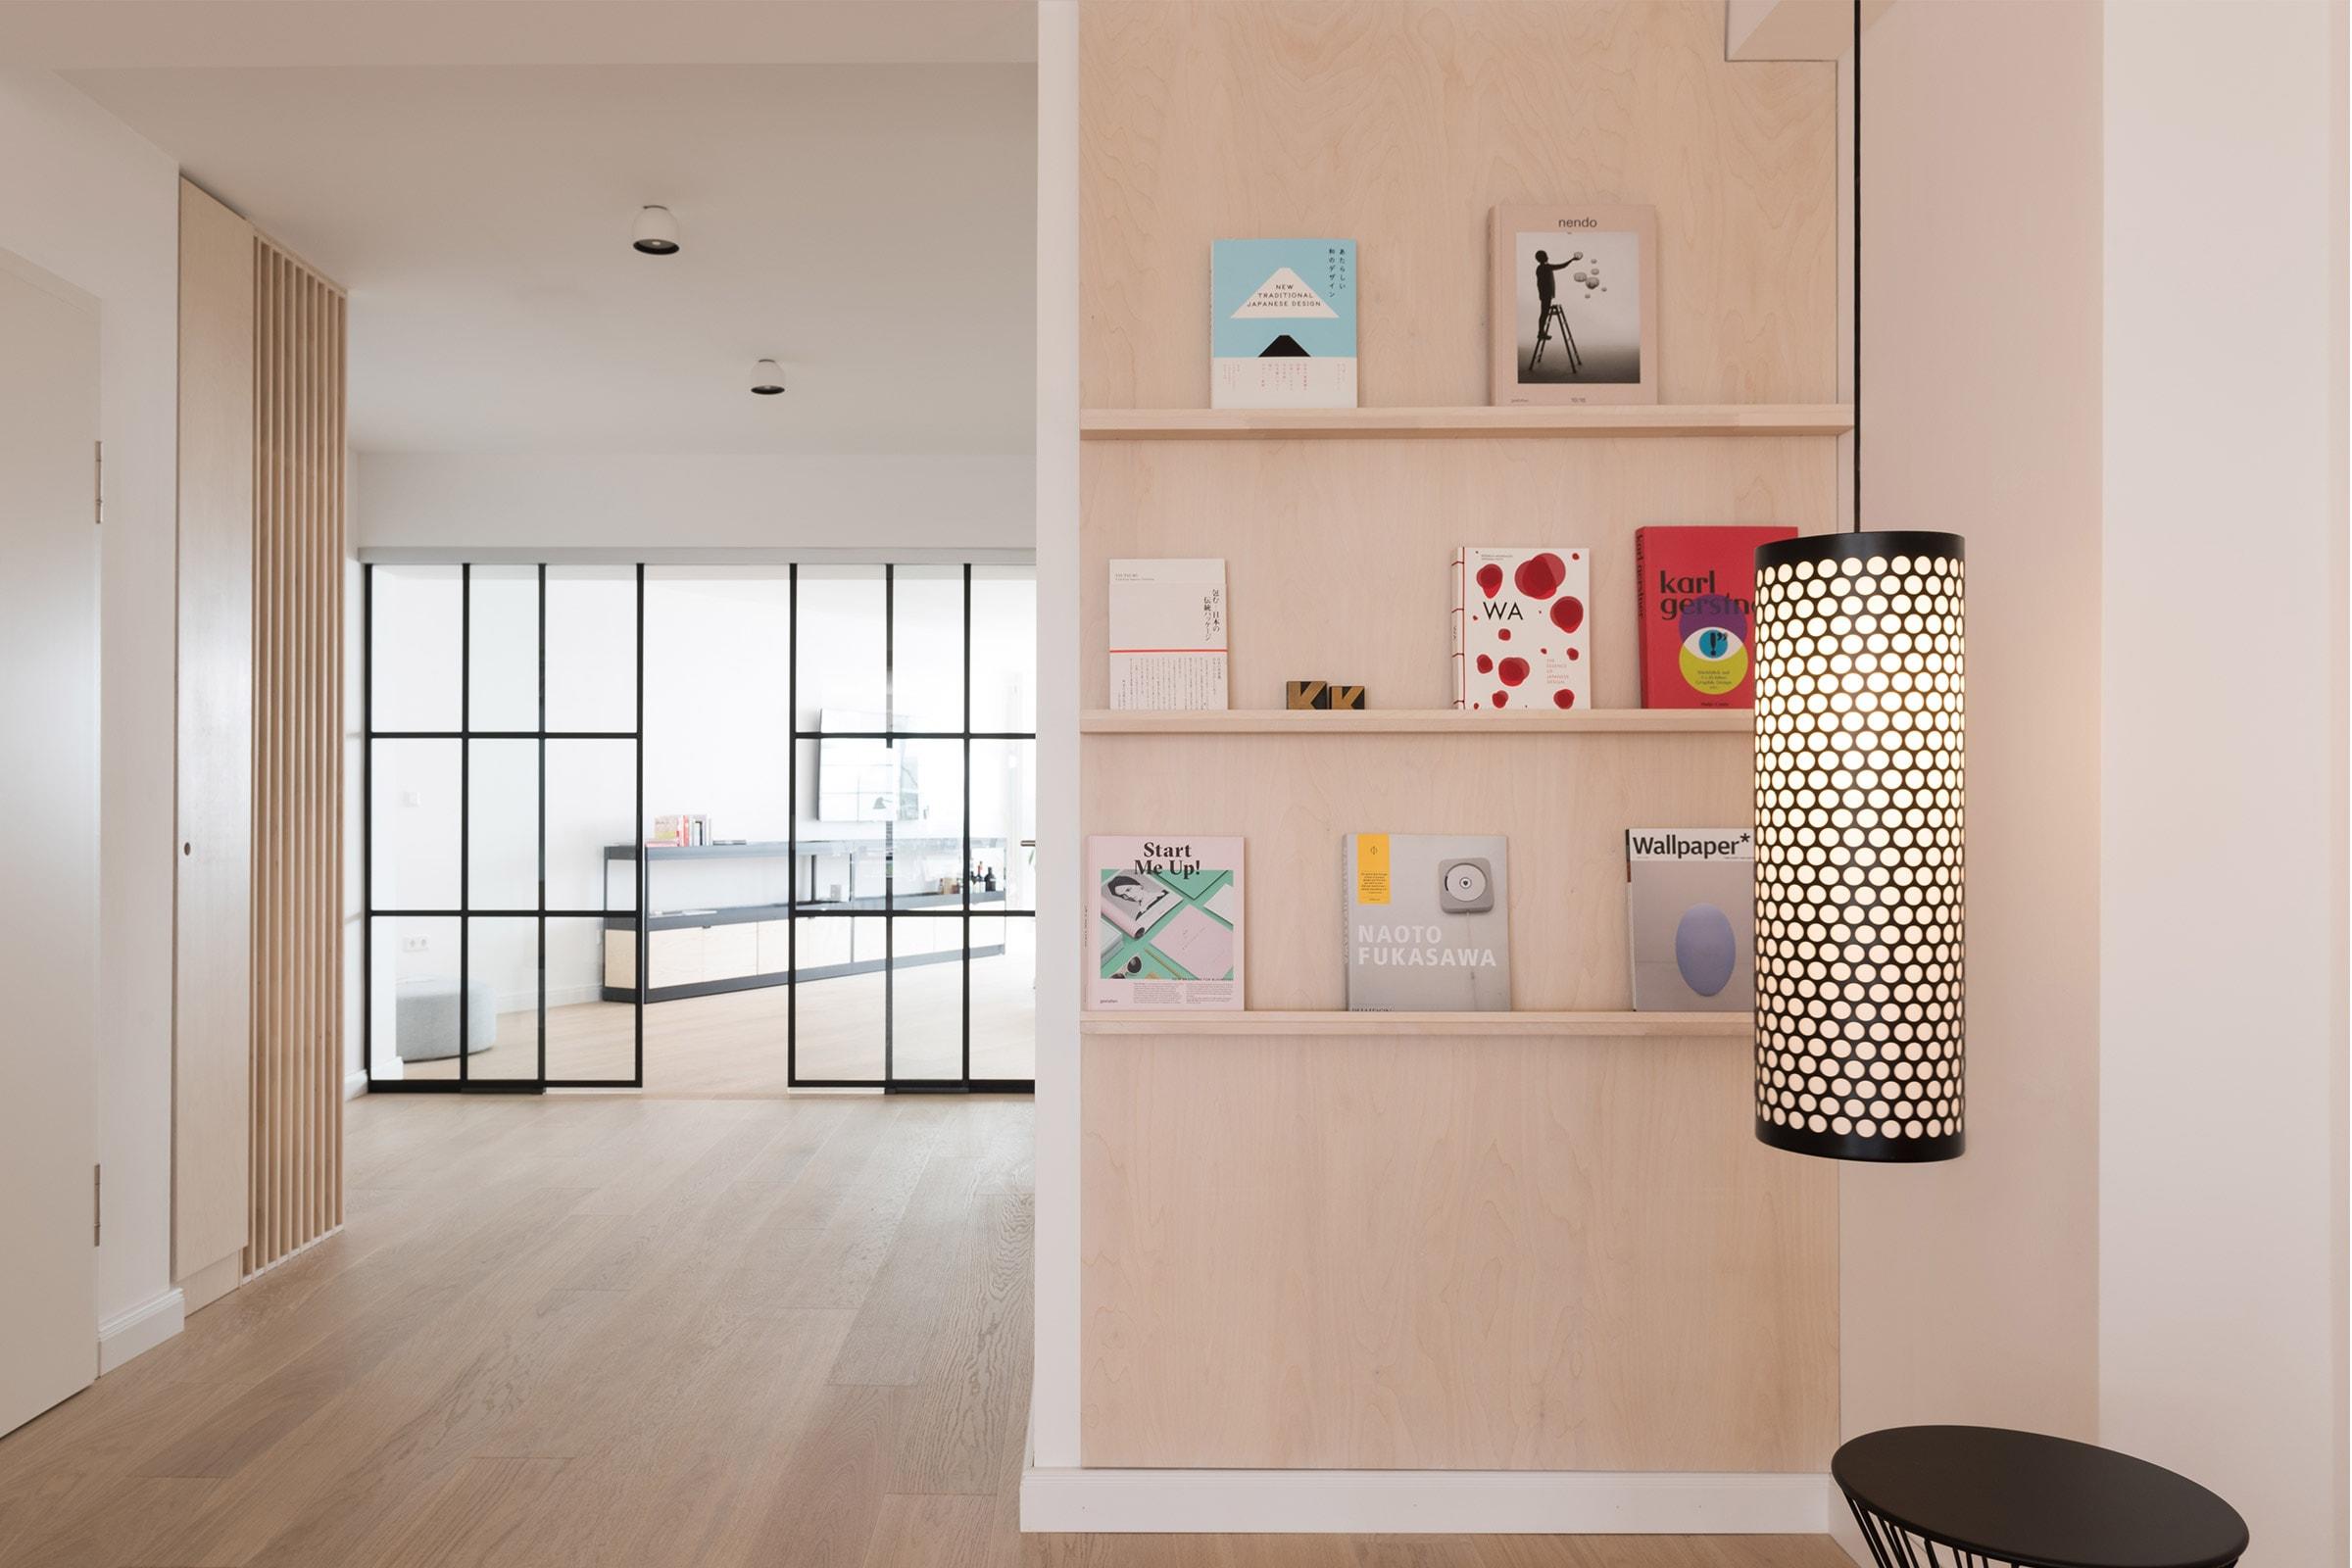 KittoKatsu, Büro, Agentur für Markenführung, Agentur für Design, Gubi